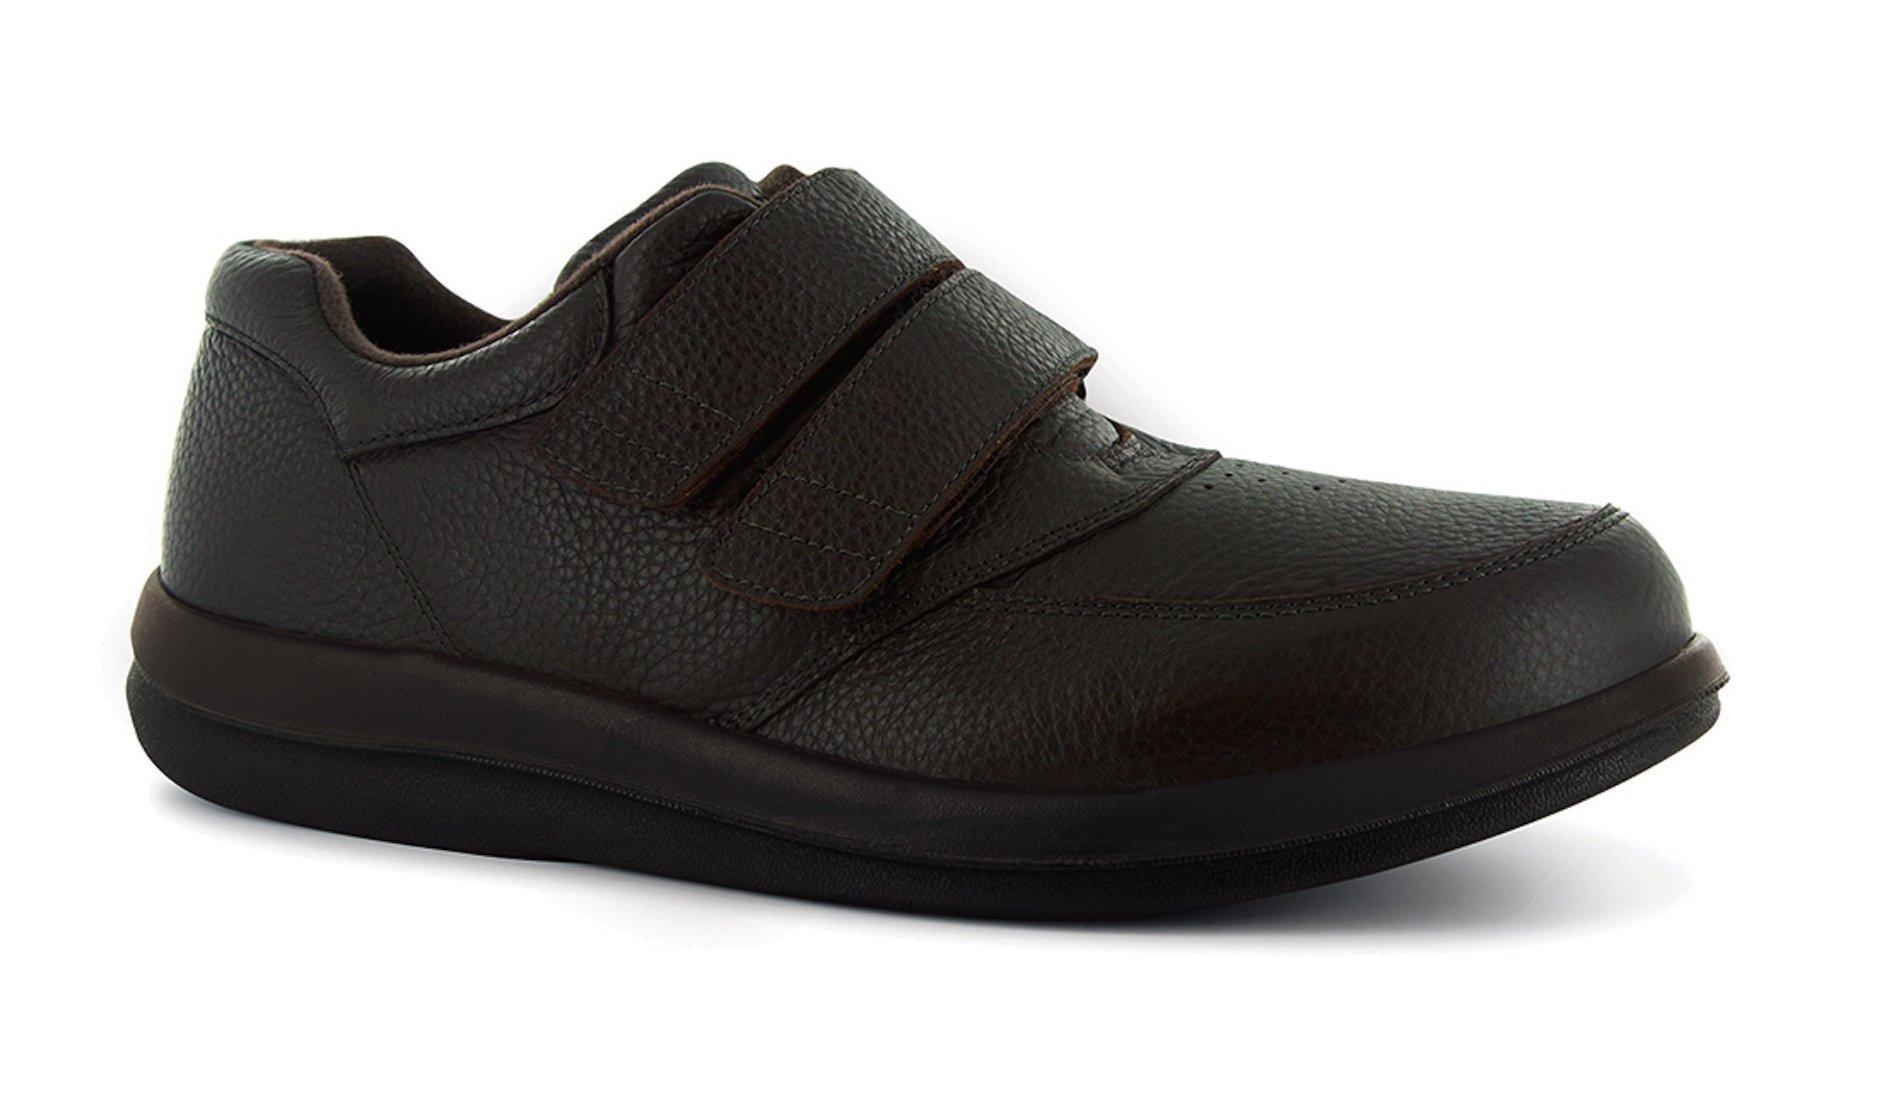 P W Minor Leisure Time Men's Therapeutic Extra Depth Shoe: Brown 9 X-Wide (2E-3E) Velcro